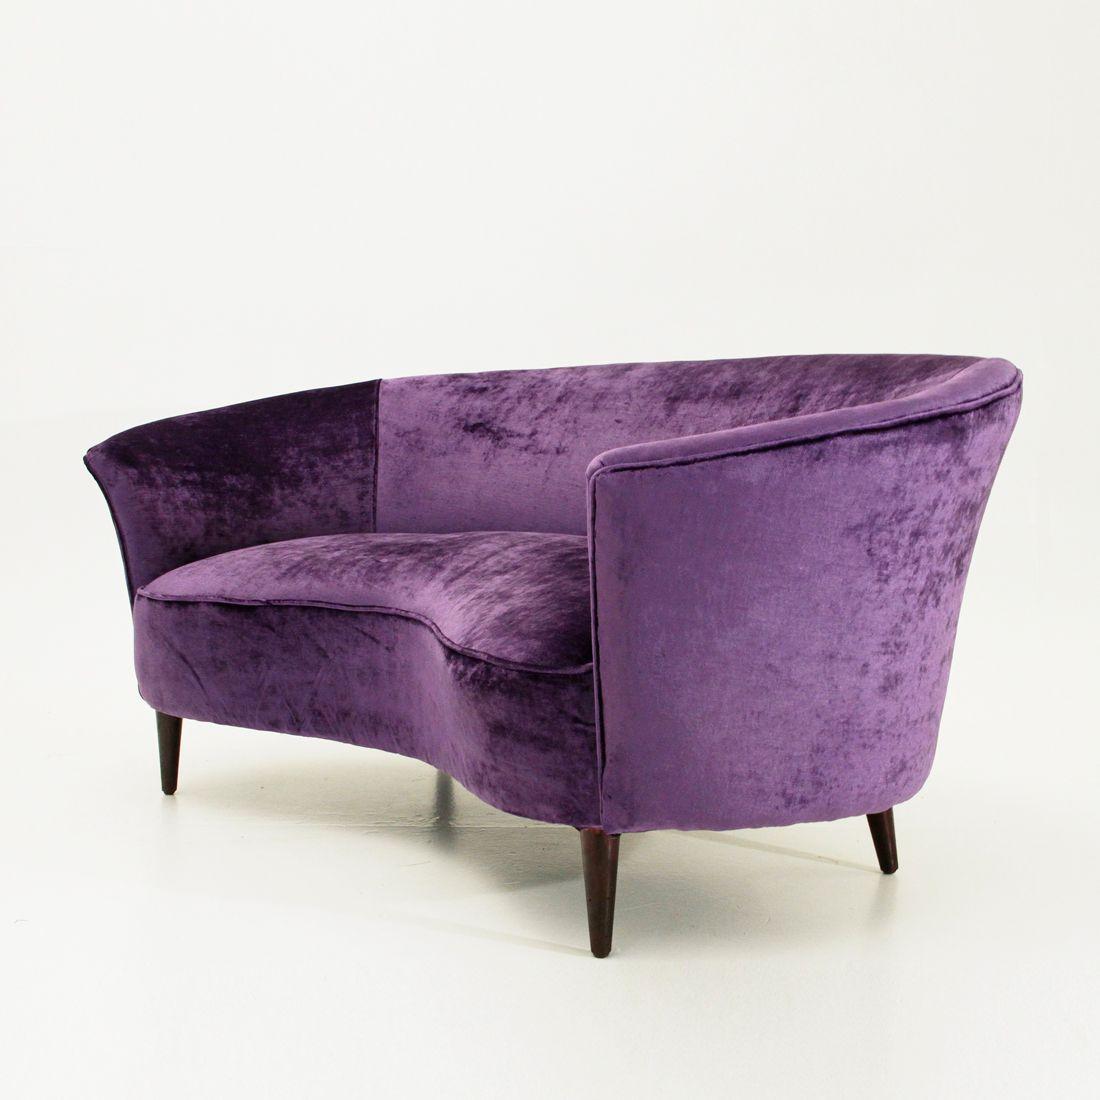 geschwungenes italienisches sofa aus samt 1950er bei pamono kaufen. Black Bedroom Furniture Sets. Home Design Ideas